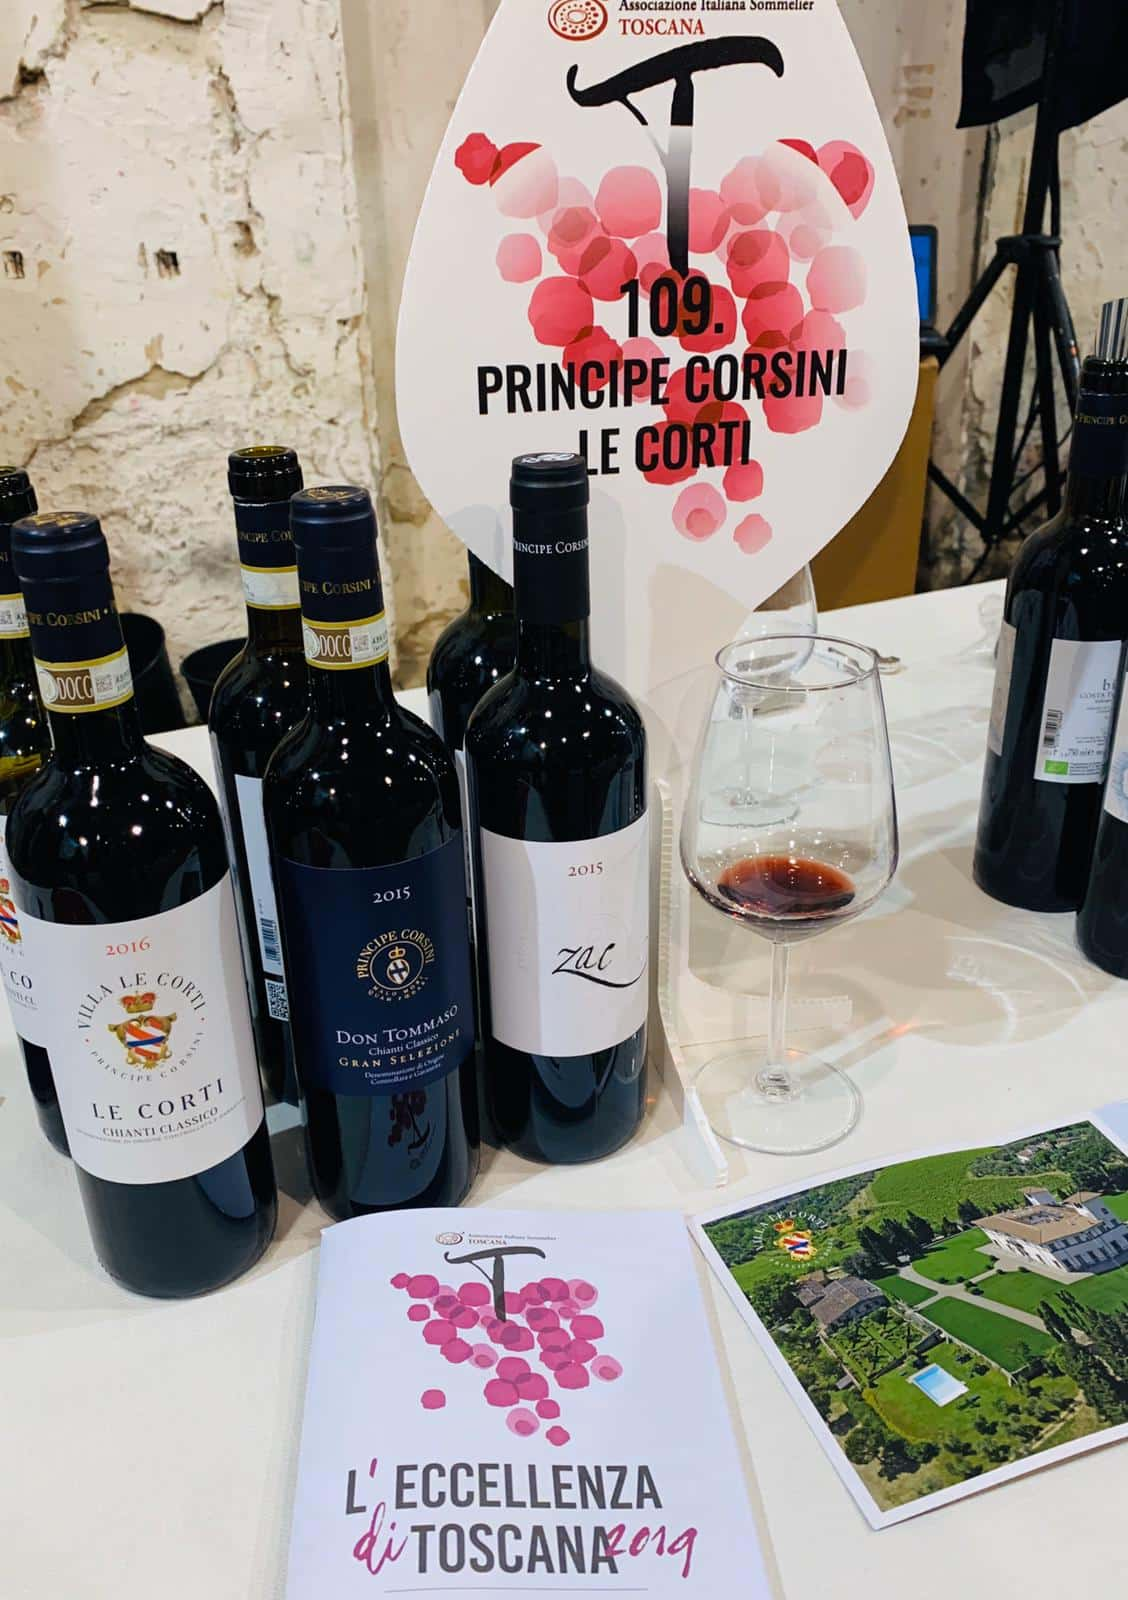 https://principecorsini.s3.eu-central-1.amazonaws.com/wp-content/uploads/2019/12/04164015/Magazine-Principe-Corsini-evento-eccellenza-di-toscana1.jpg